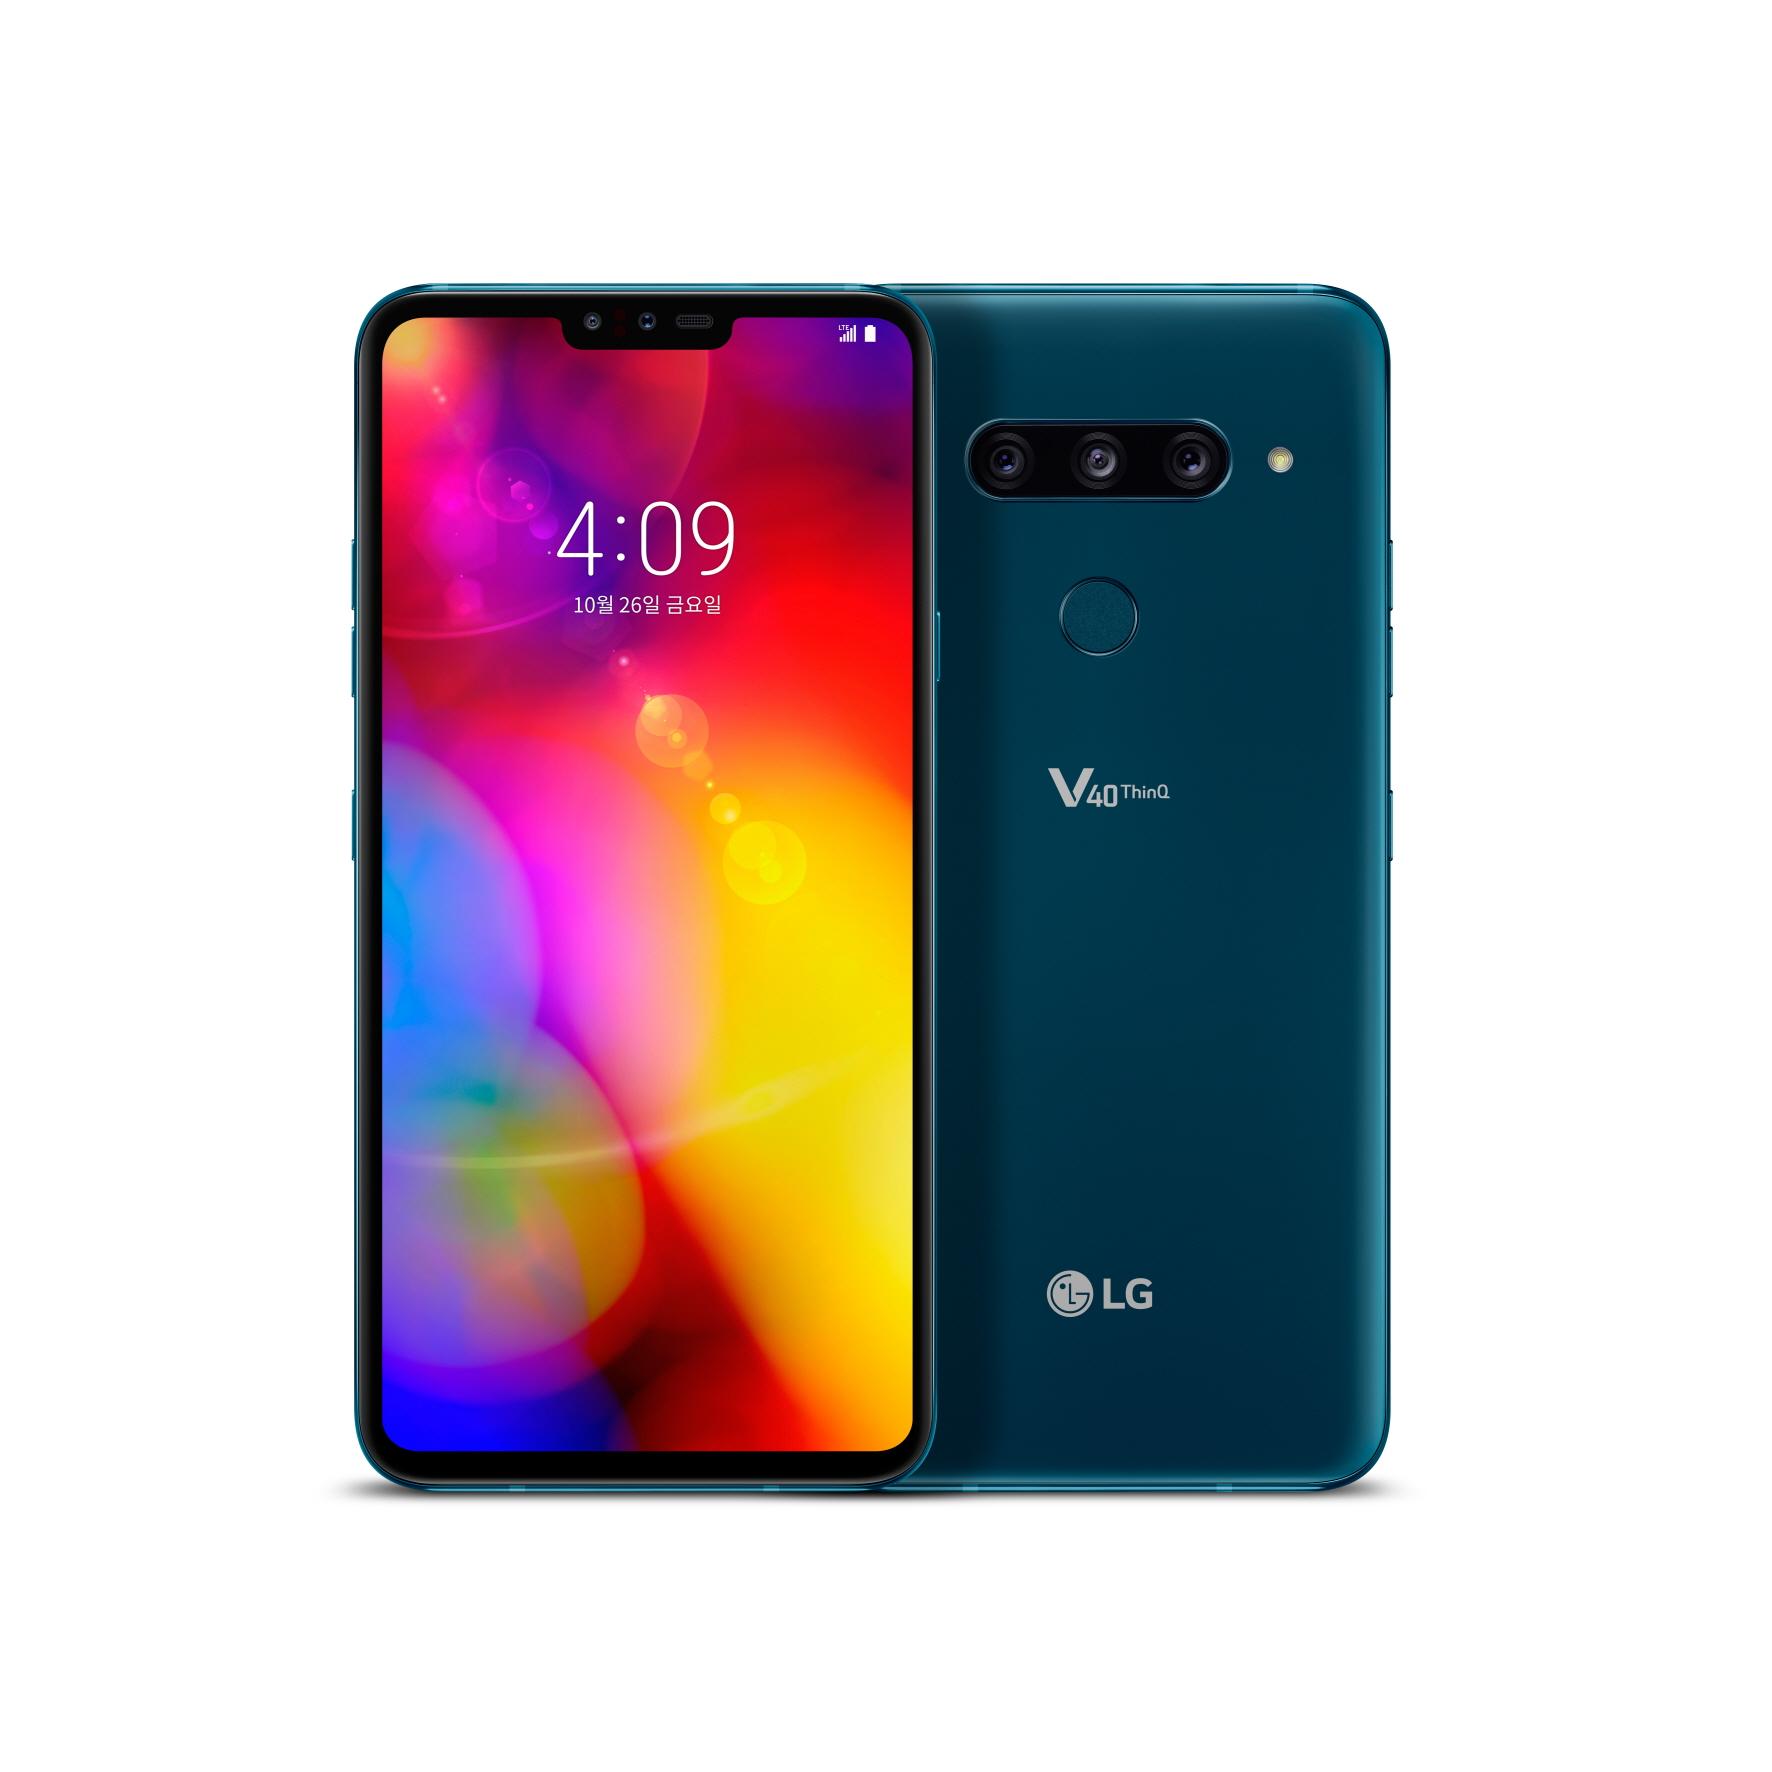 LG전자가 4일 5개의 카메라를 장착한 LG V40 ThinQ로 스마트폰 카메라의 새로운 기준을 제시한다. LG V40 ThinQ는 카메라의 기본 성능을 높이고 표준, 망원, 광각 등 다양한 화각(畵角)으로 편리하게 촬영할 수 있는 펜타(5개) 카메라를 장착했다.